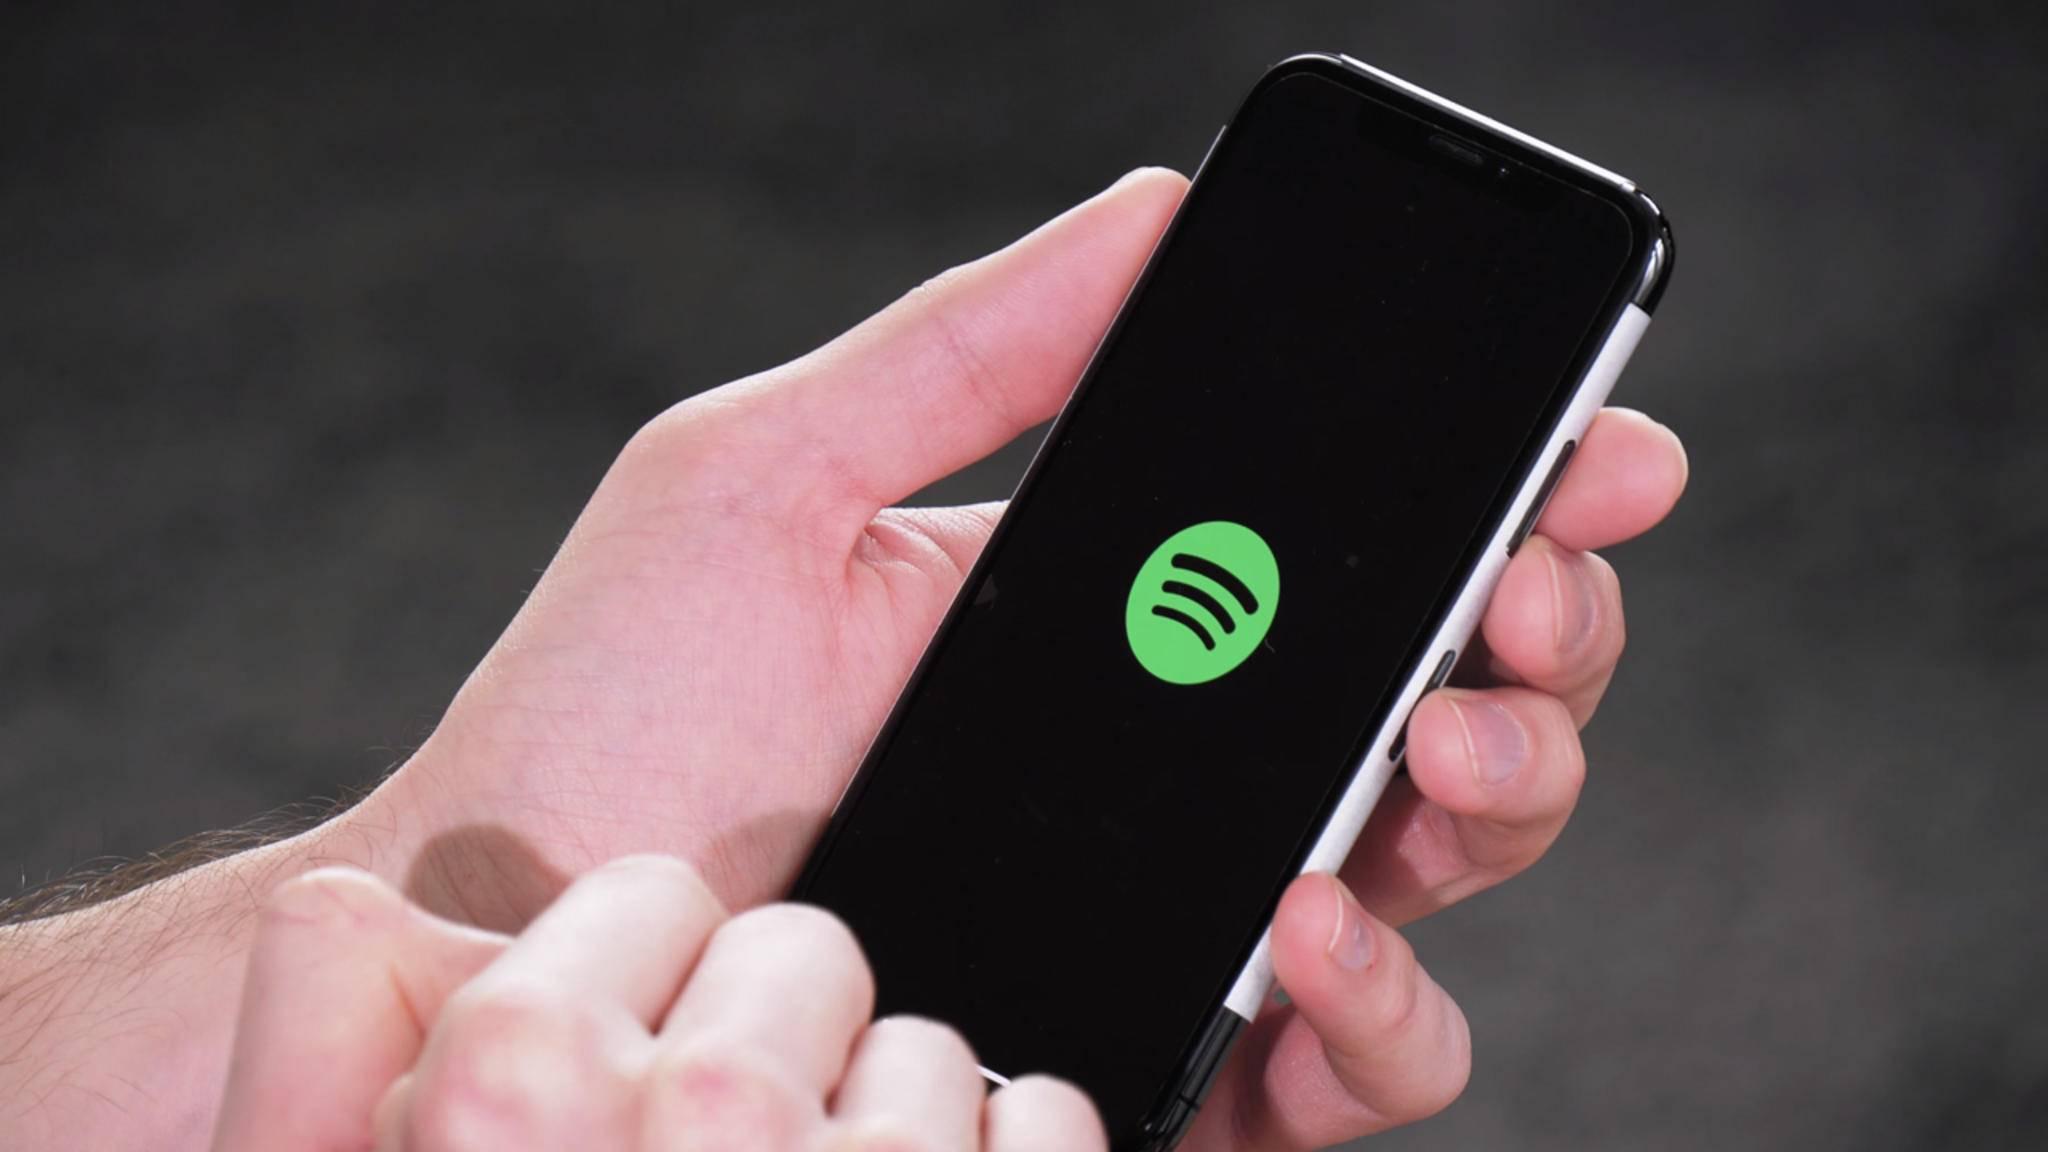 Spotify kann je nach Tarif unterschiedliche Kosten verursachen.